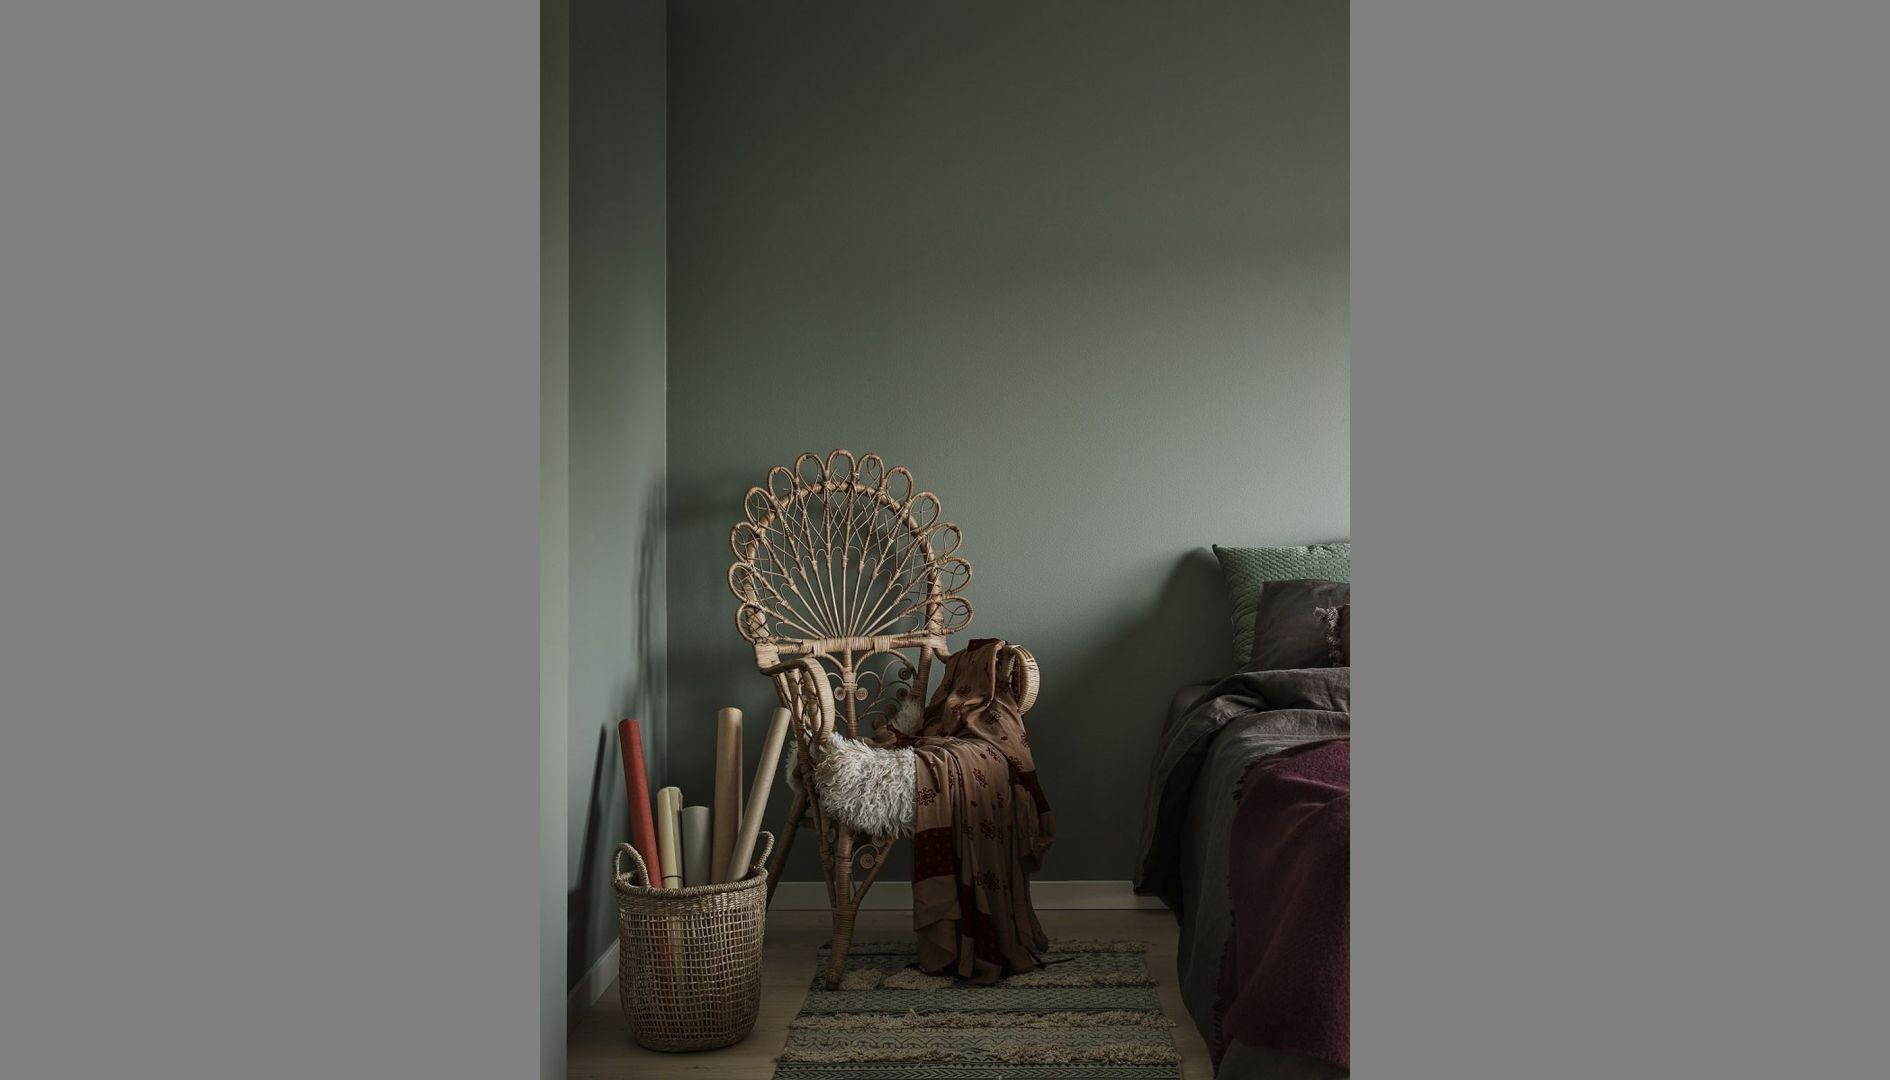 Dla miłośników nieco bardziej stonowanych aranżacji ciekawym pomysłem będzie pomalowanie ścian na niebanalny odcień zieleni Ficus N378 z palety Tikkurila Feel the Color. Cena: ok. 115 zł (2,7 l). Fot. Tikkurila